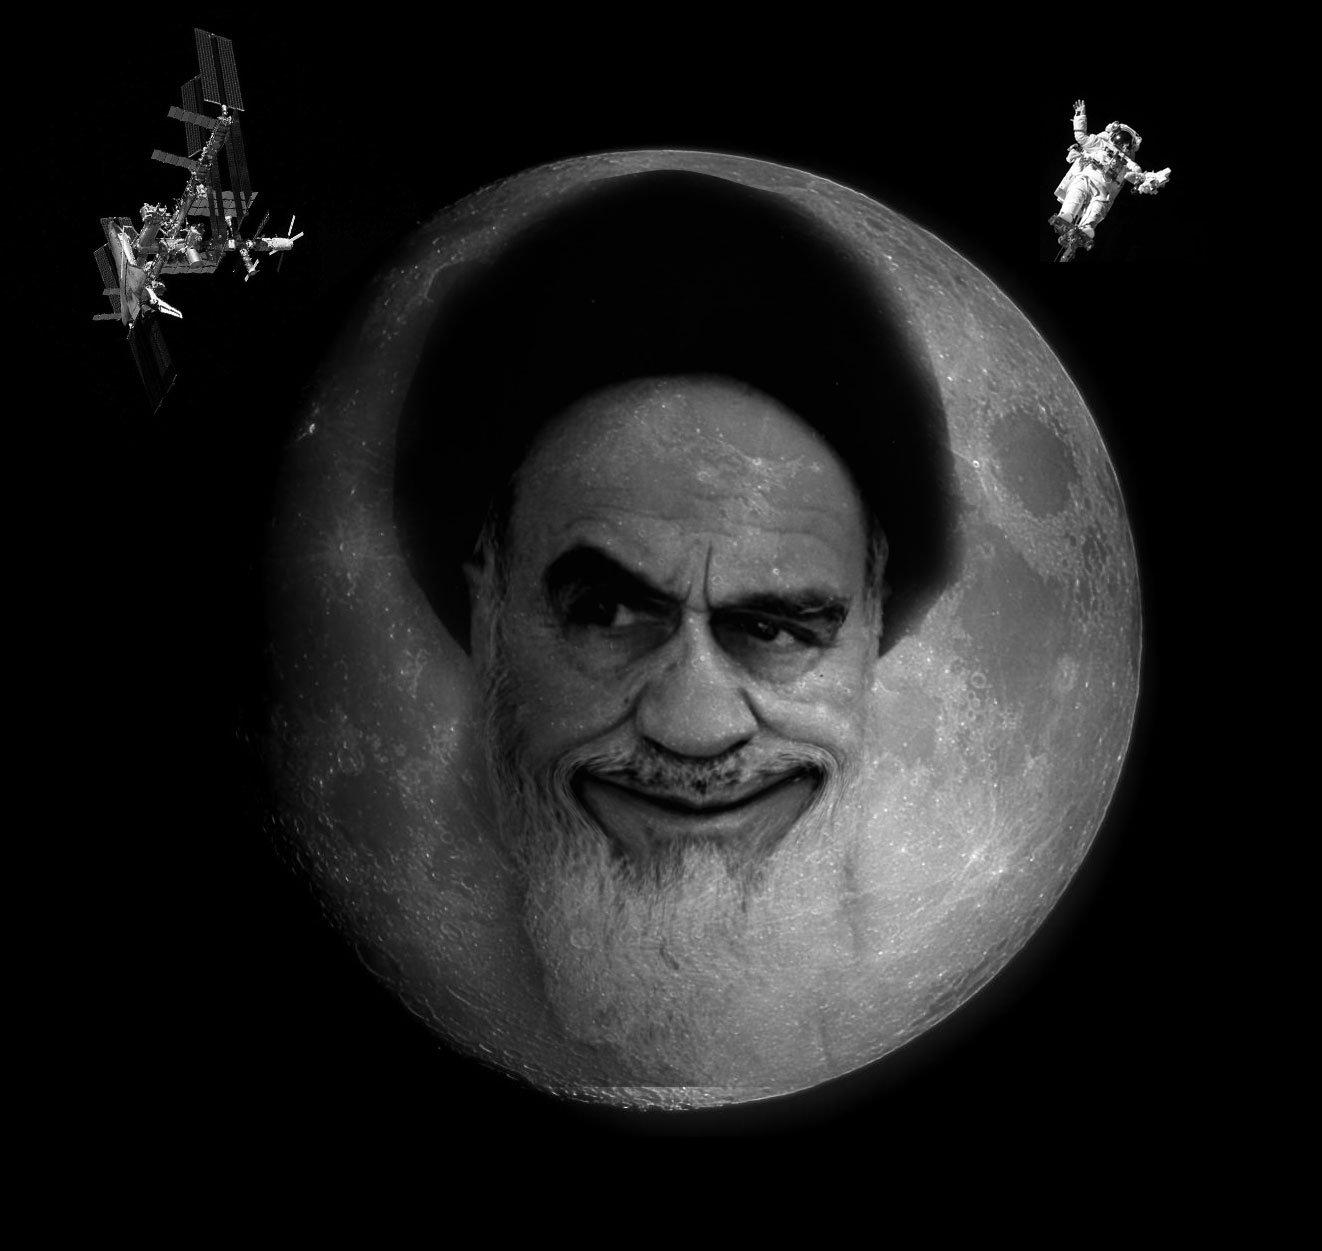 http://4.bp.blogspot.com/-X4cmCvy_nw0/TigbBdgJGrI/AAAAAAAAAsg/tIe9apAoO8E/s1600/imam-khomeini.jpg